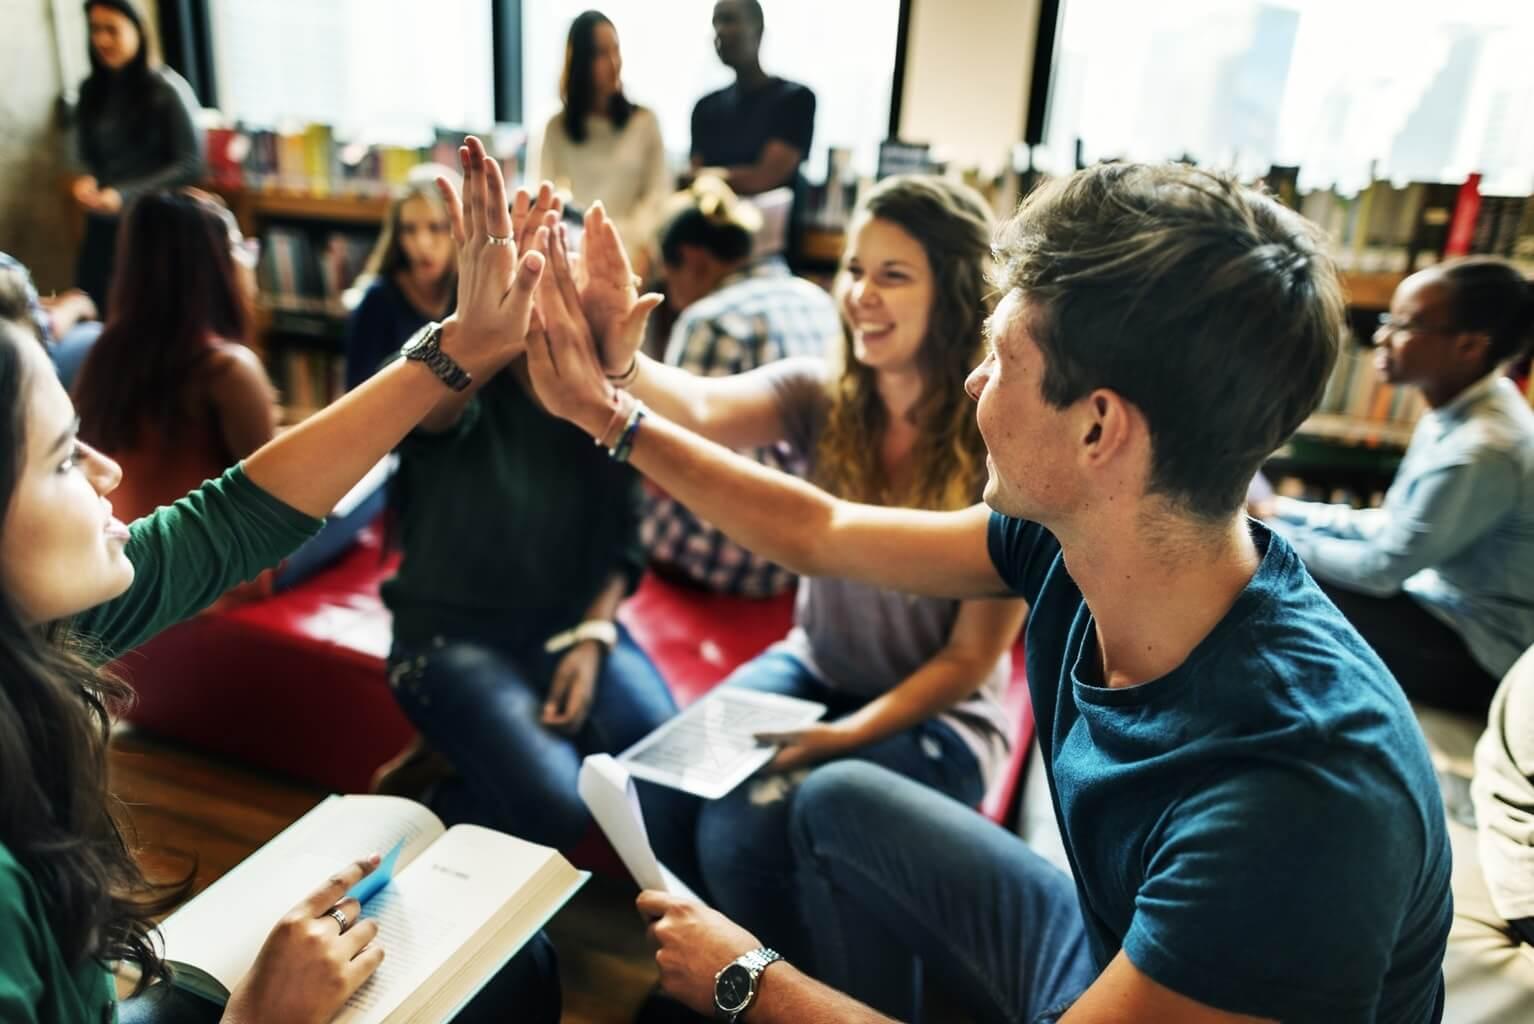 Groupe d'étudiants heureux se tapant dans la main - étudier en Irlande